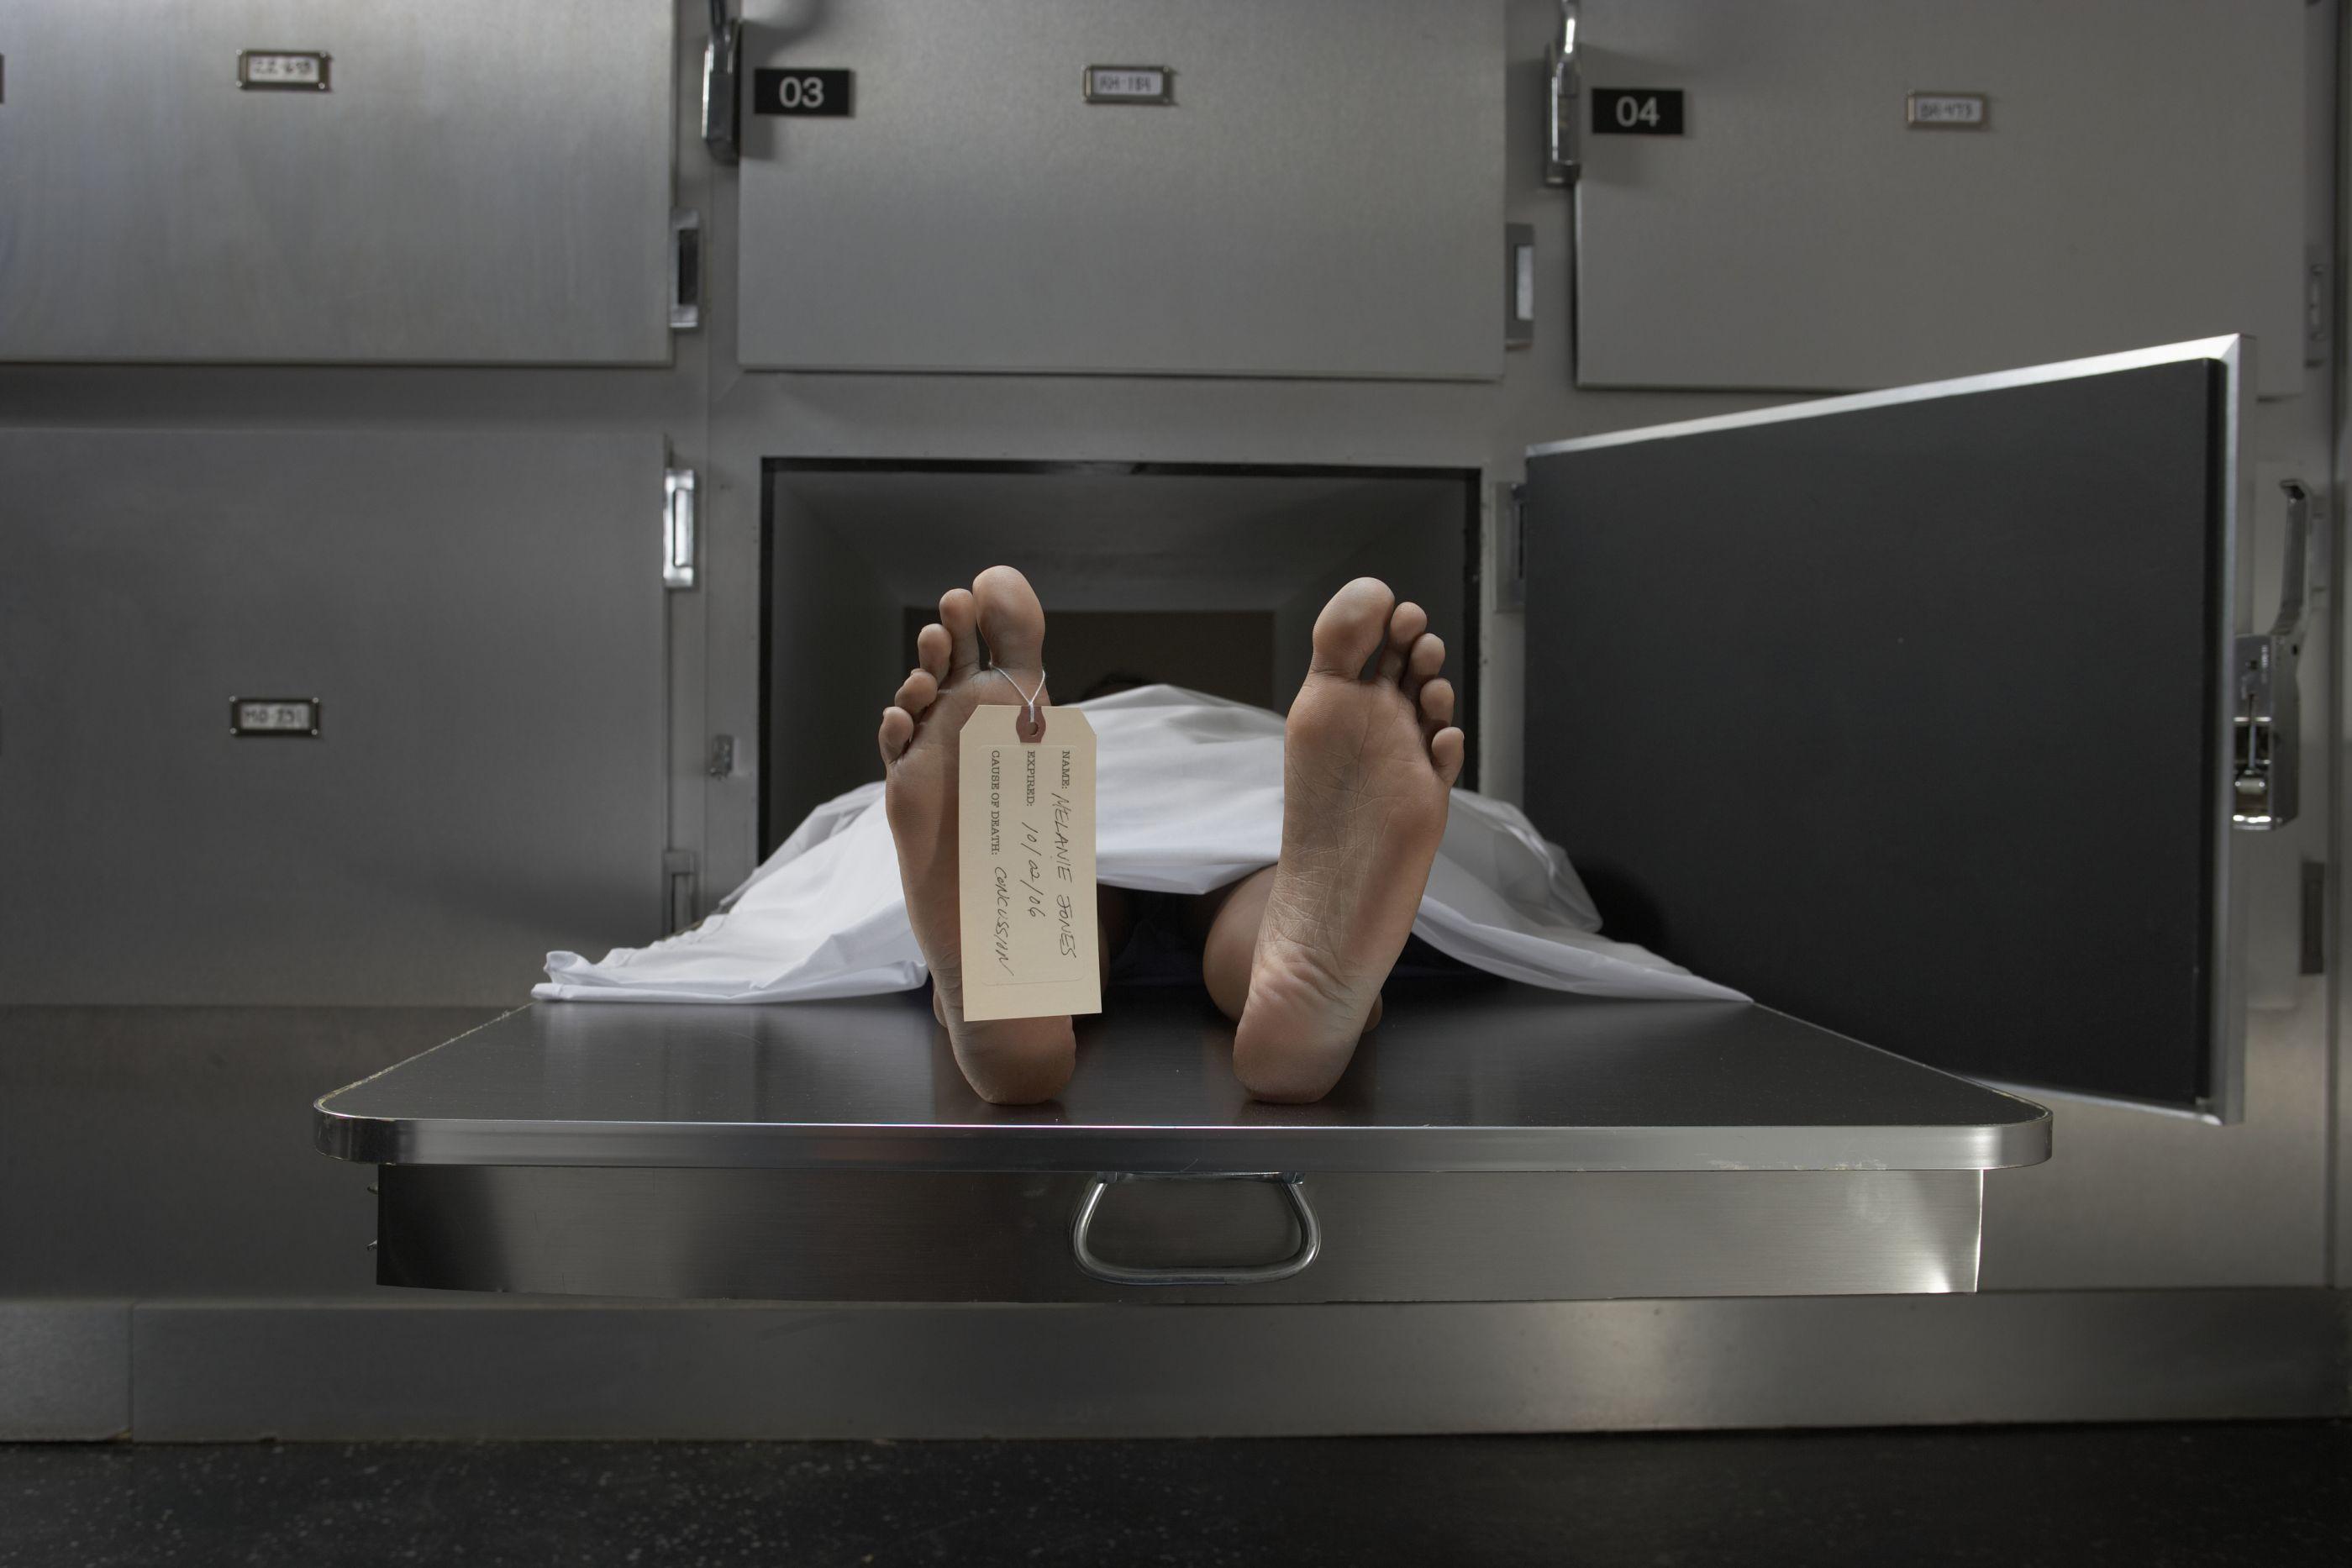 Cientistas criam teste de ADN capaz de prever quando vai morrer